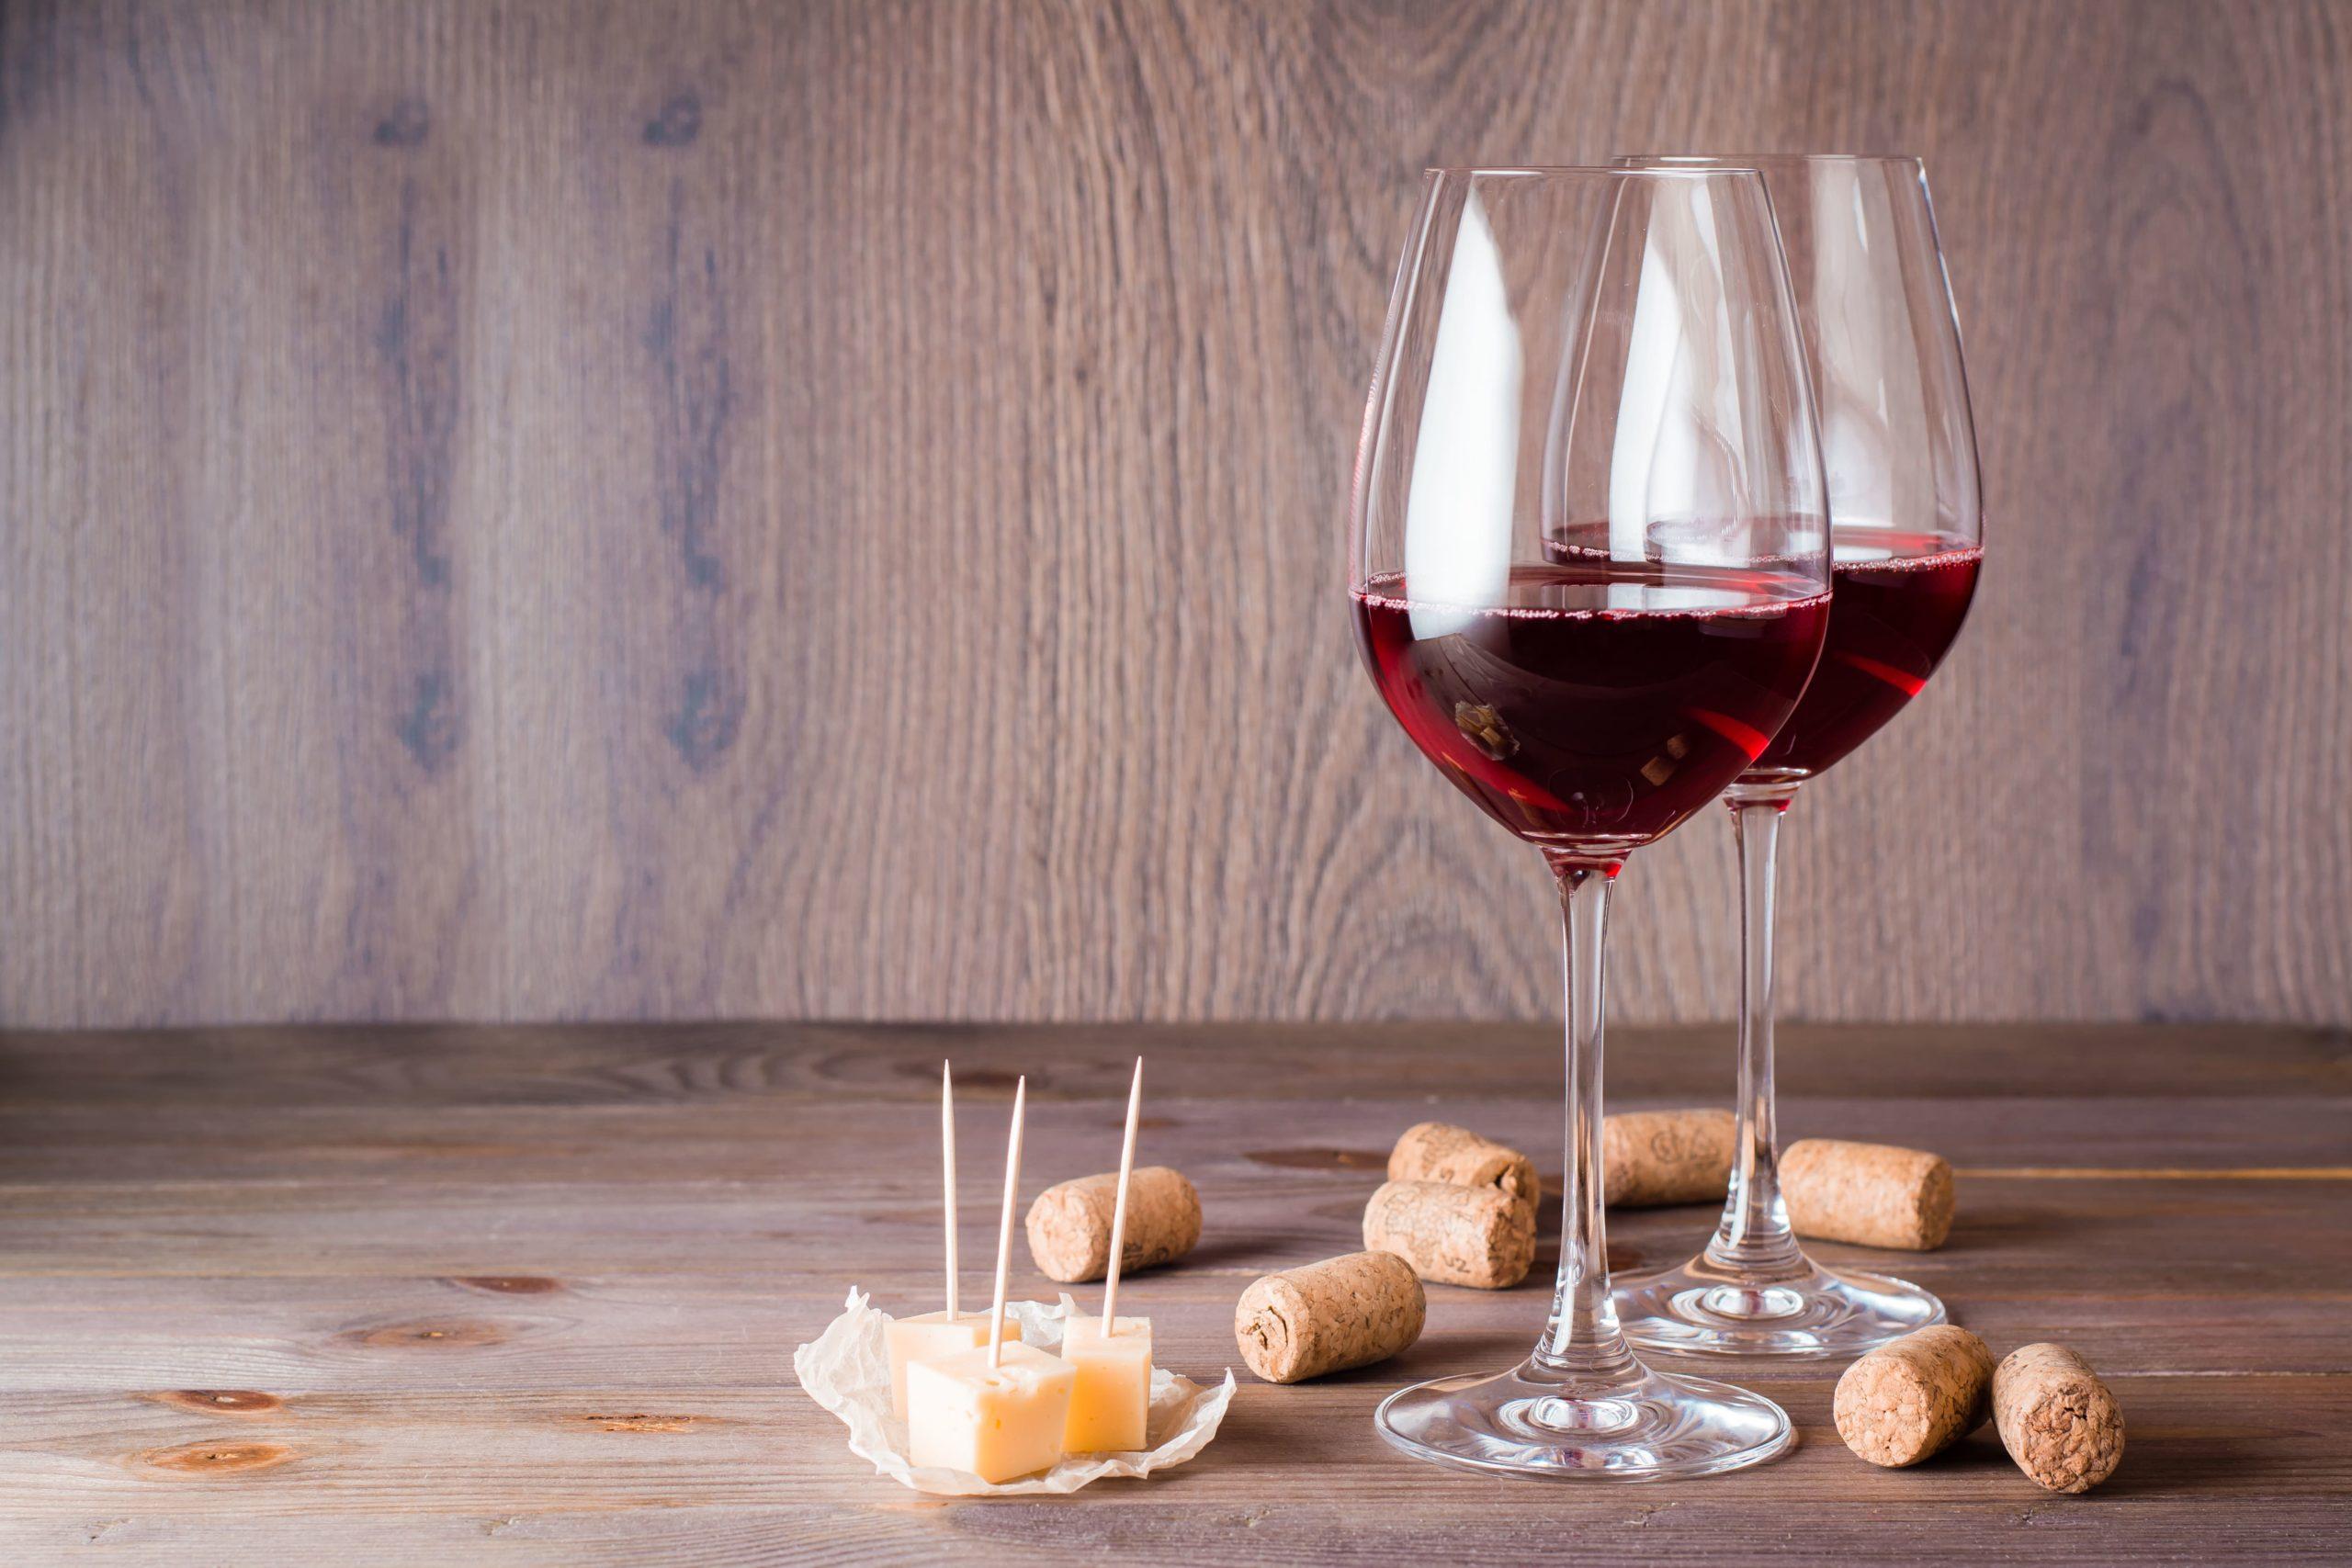 Best wine glasses | antique item store